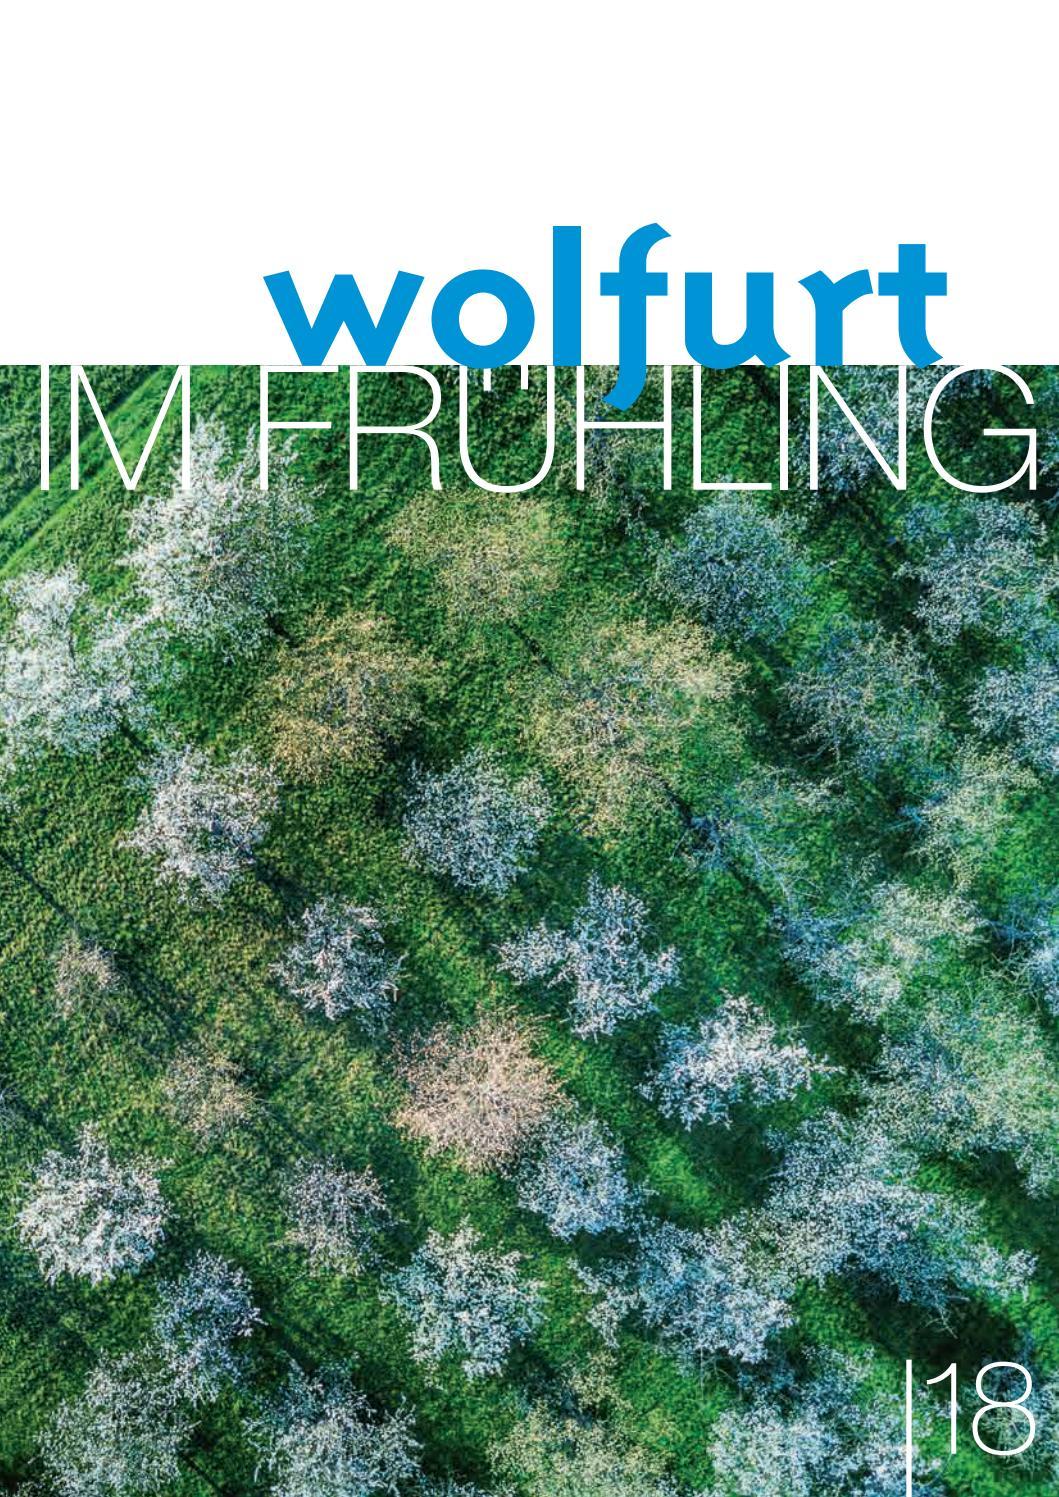 Mollige singles in wolfurt Hartberg singletreff